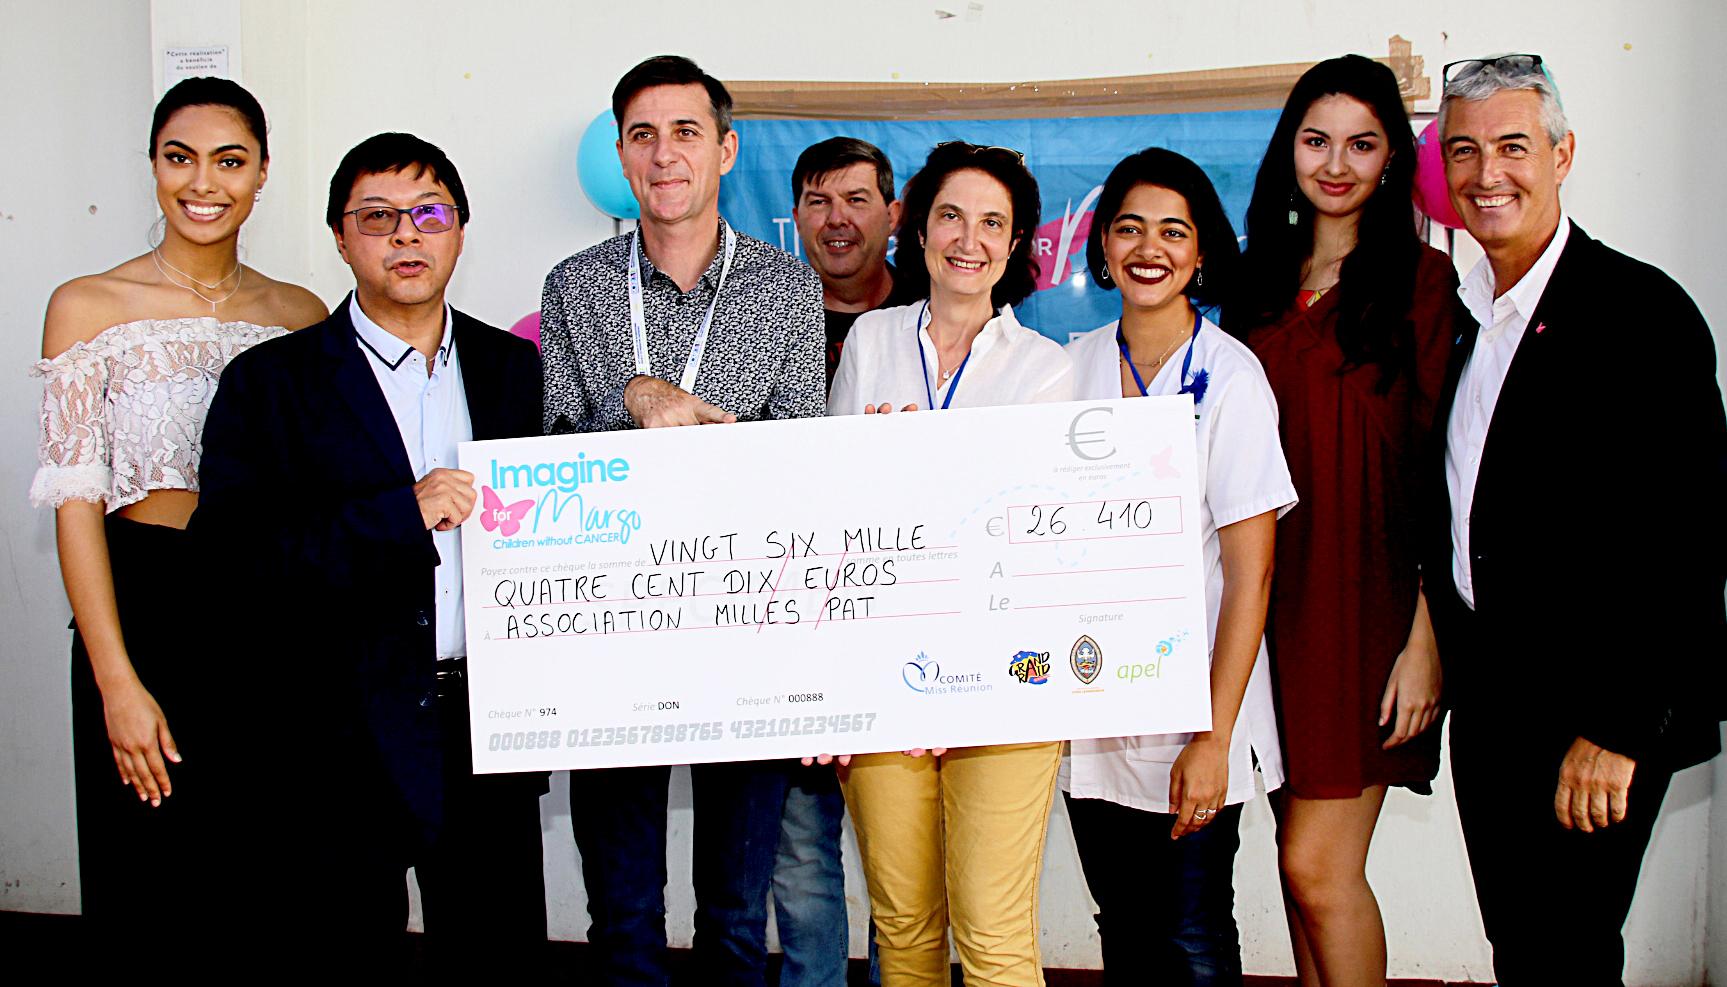 Un chèque destiné à améliorer les conditions de vie des jeunes malades